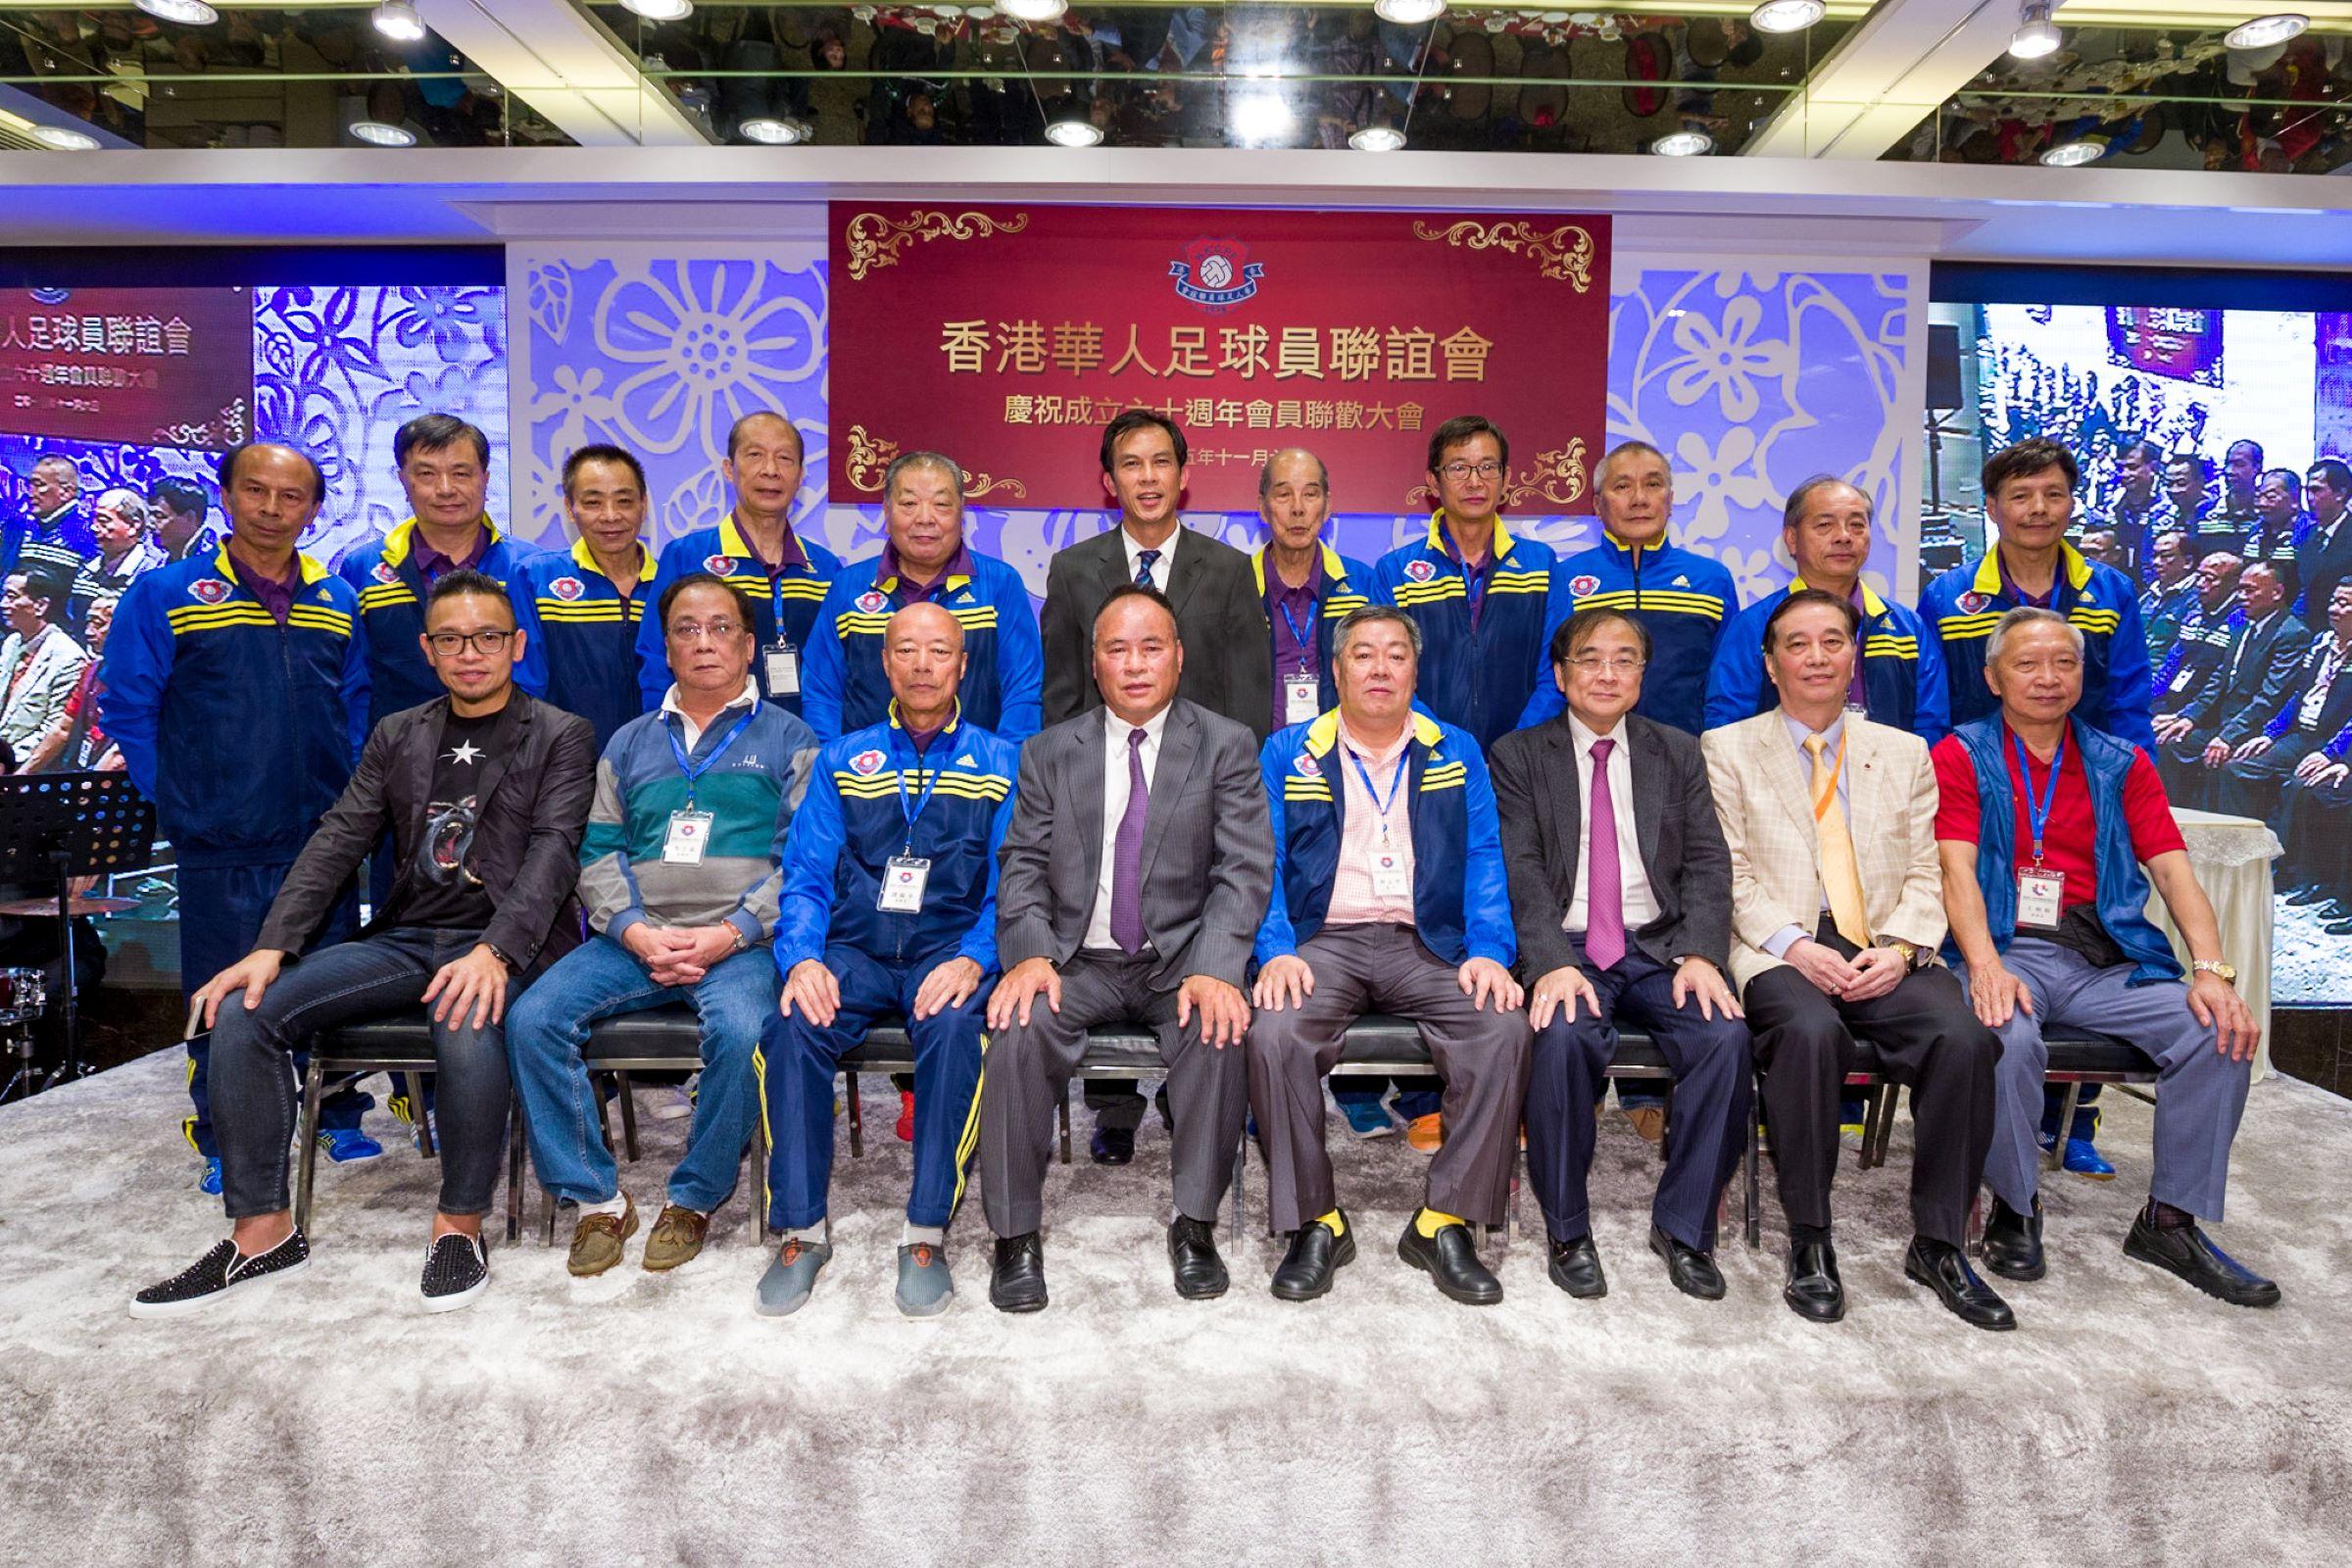 香港華人足球員聯誼會-57